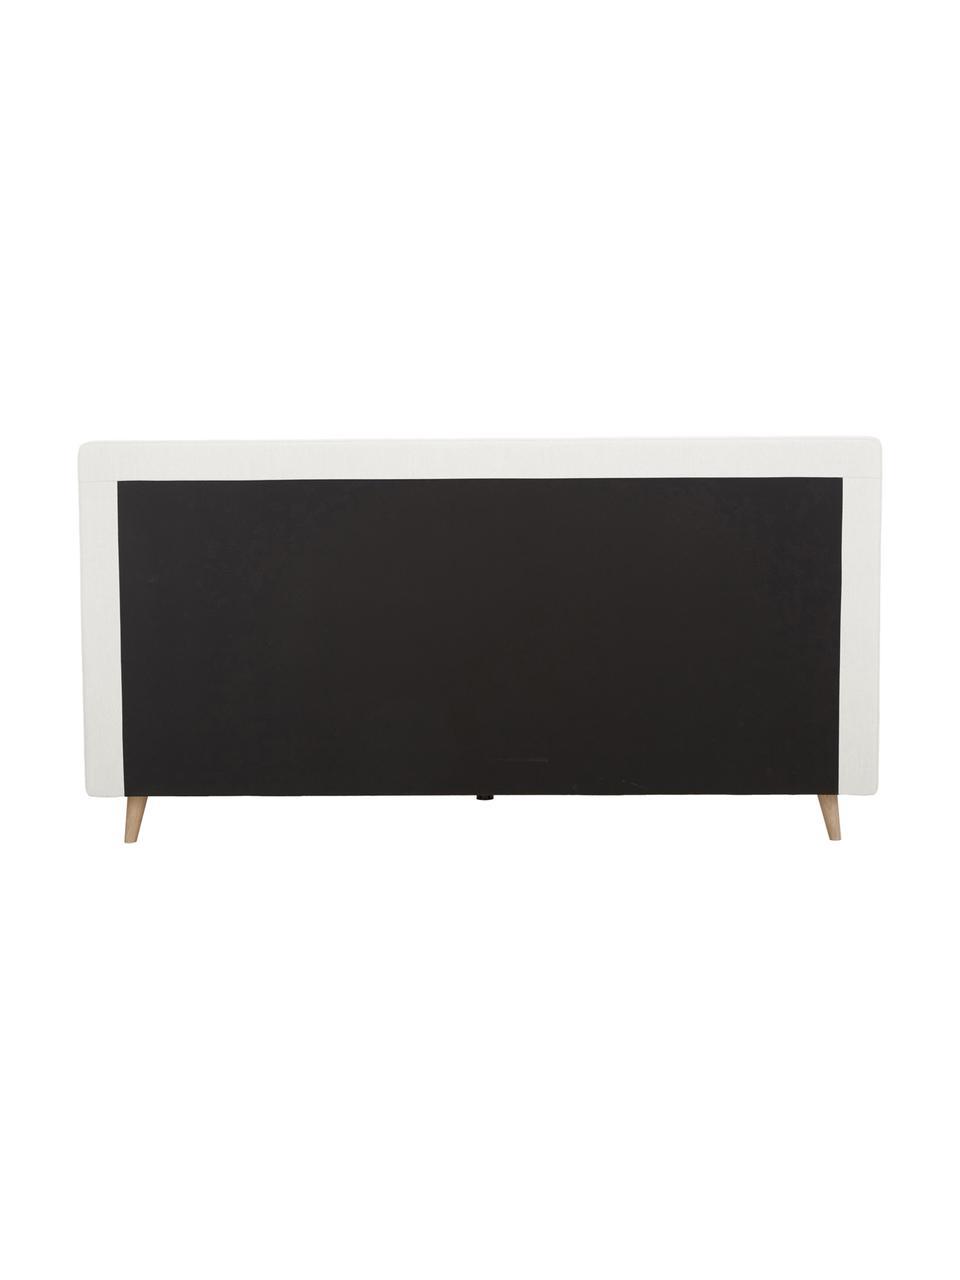 Łóżko tapicerowane Moon, Korpus: lite drewno sosnowe i pły, Tapicerka: poliester (tkanina strukt, Nogi: lite drewno dębowe, Beżowy, S 180 x D 200 cm